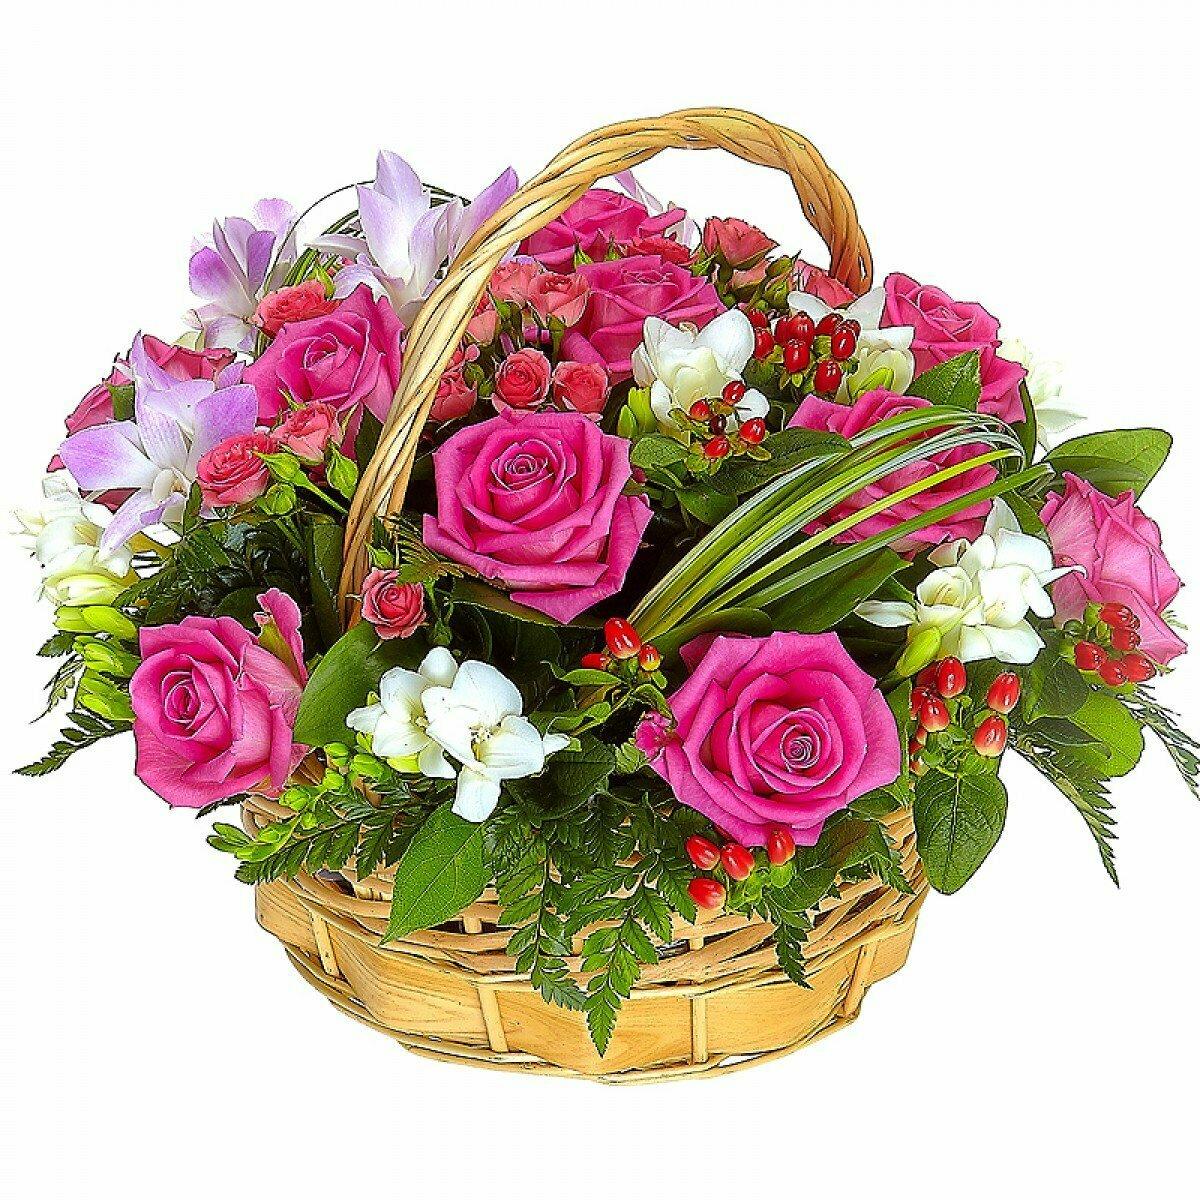 предлогом картинки с красивыми букетами цветов и пожеланий знают, что именно